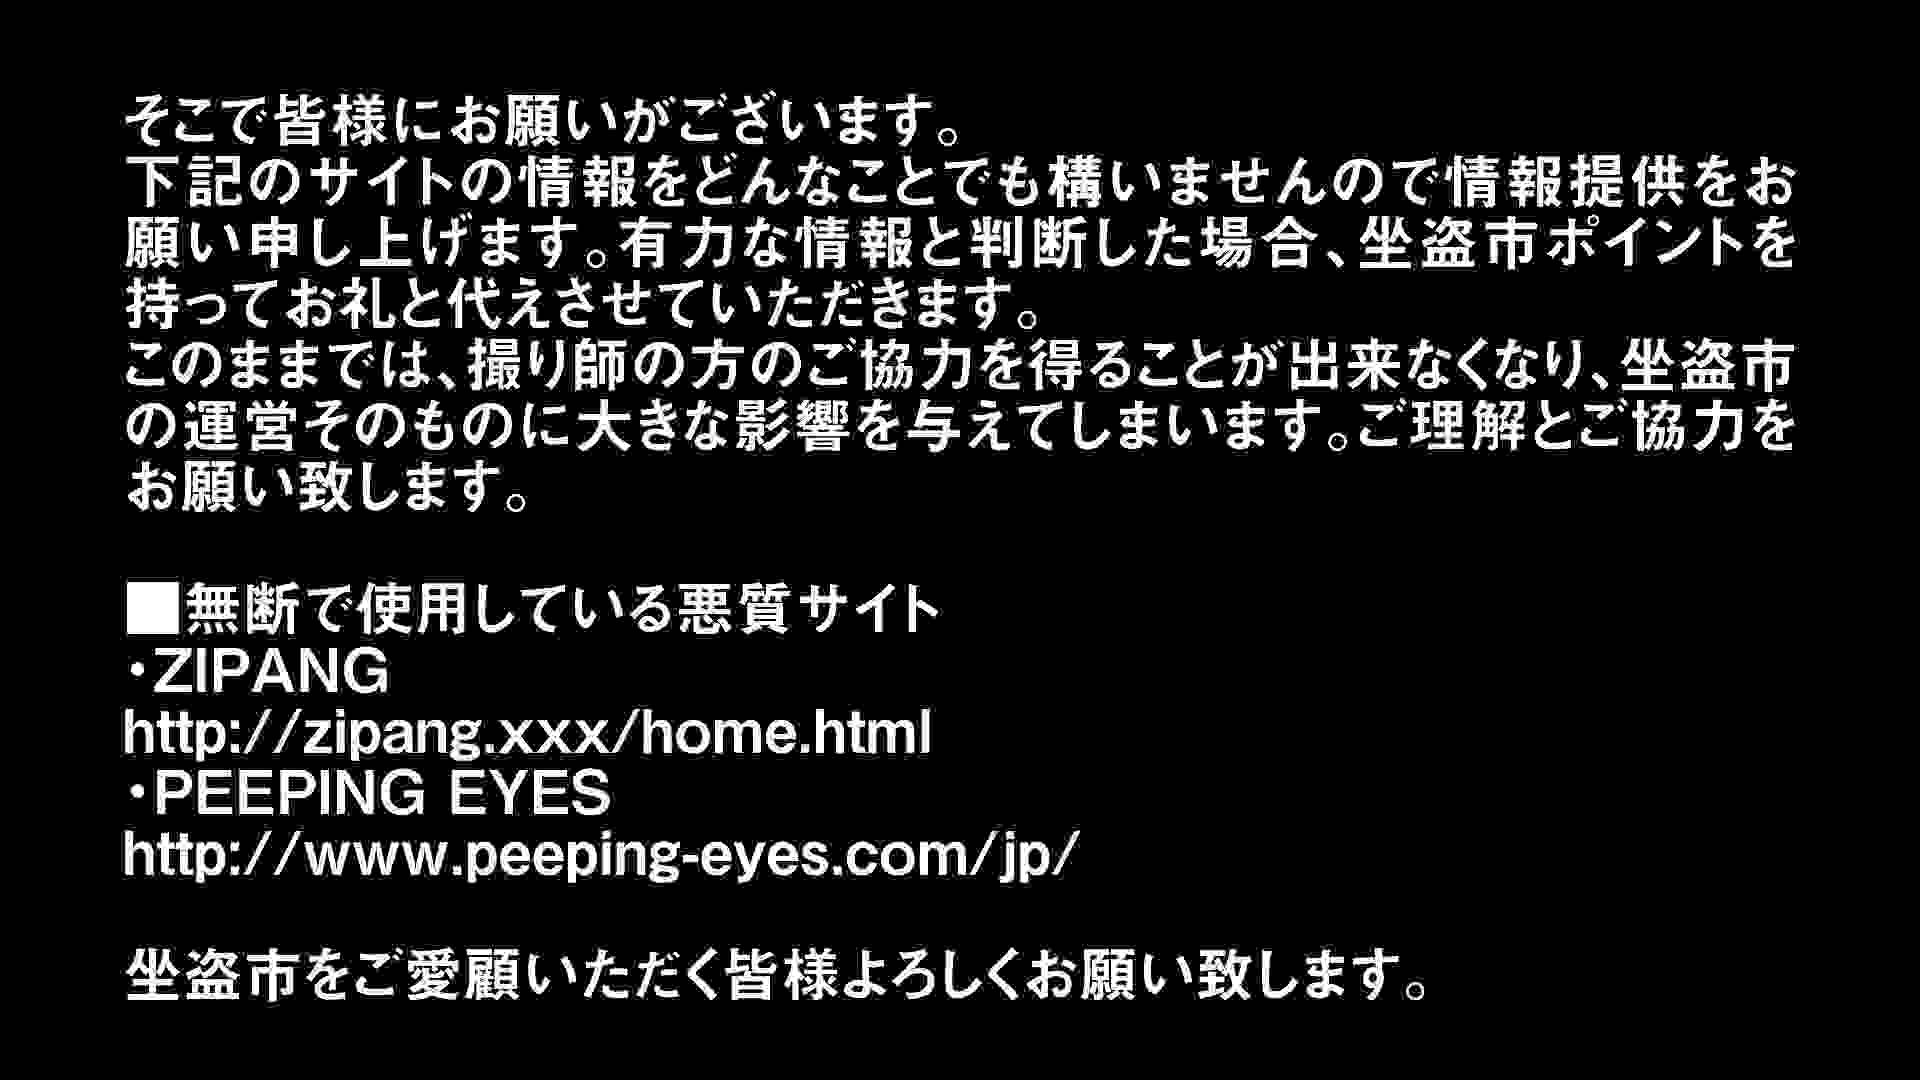 Aquaな露天風呂Vol.299 OLのエロ生活 | 盗撮  53連発 19